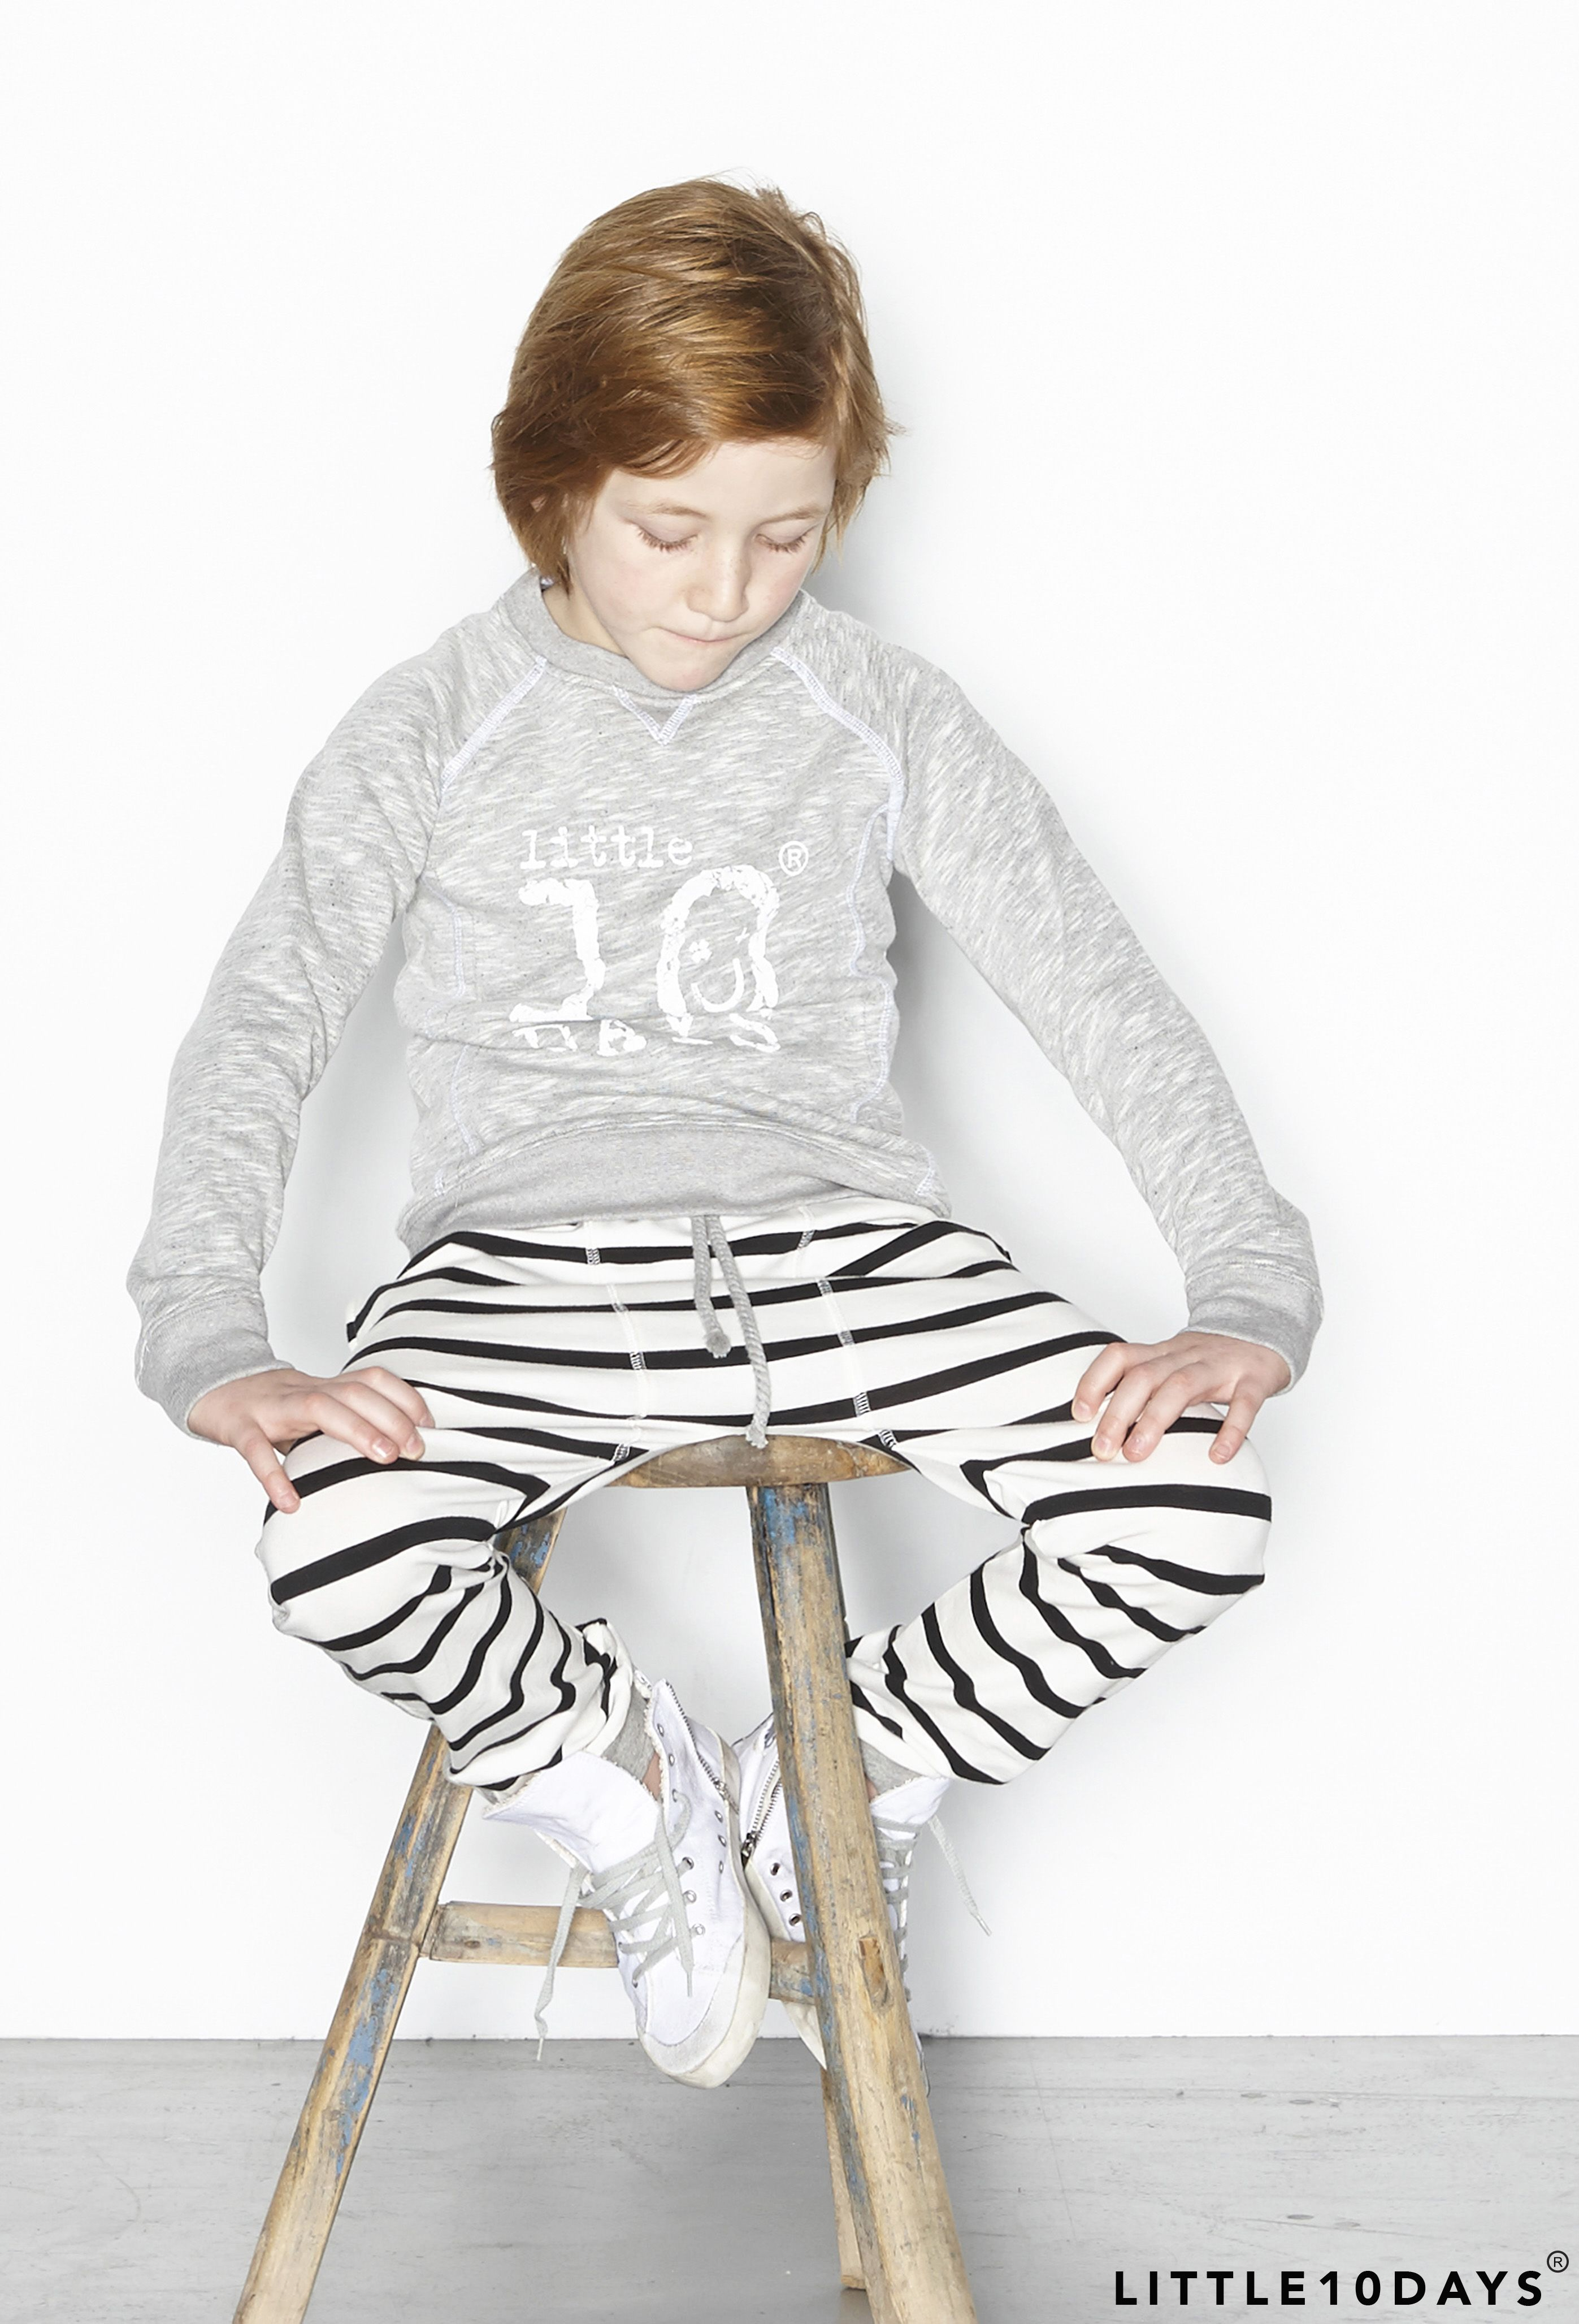 Little10days Summer 2014 Www 10days Nl Kids Fashion